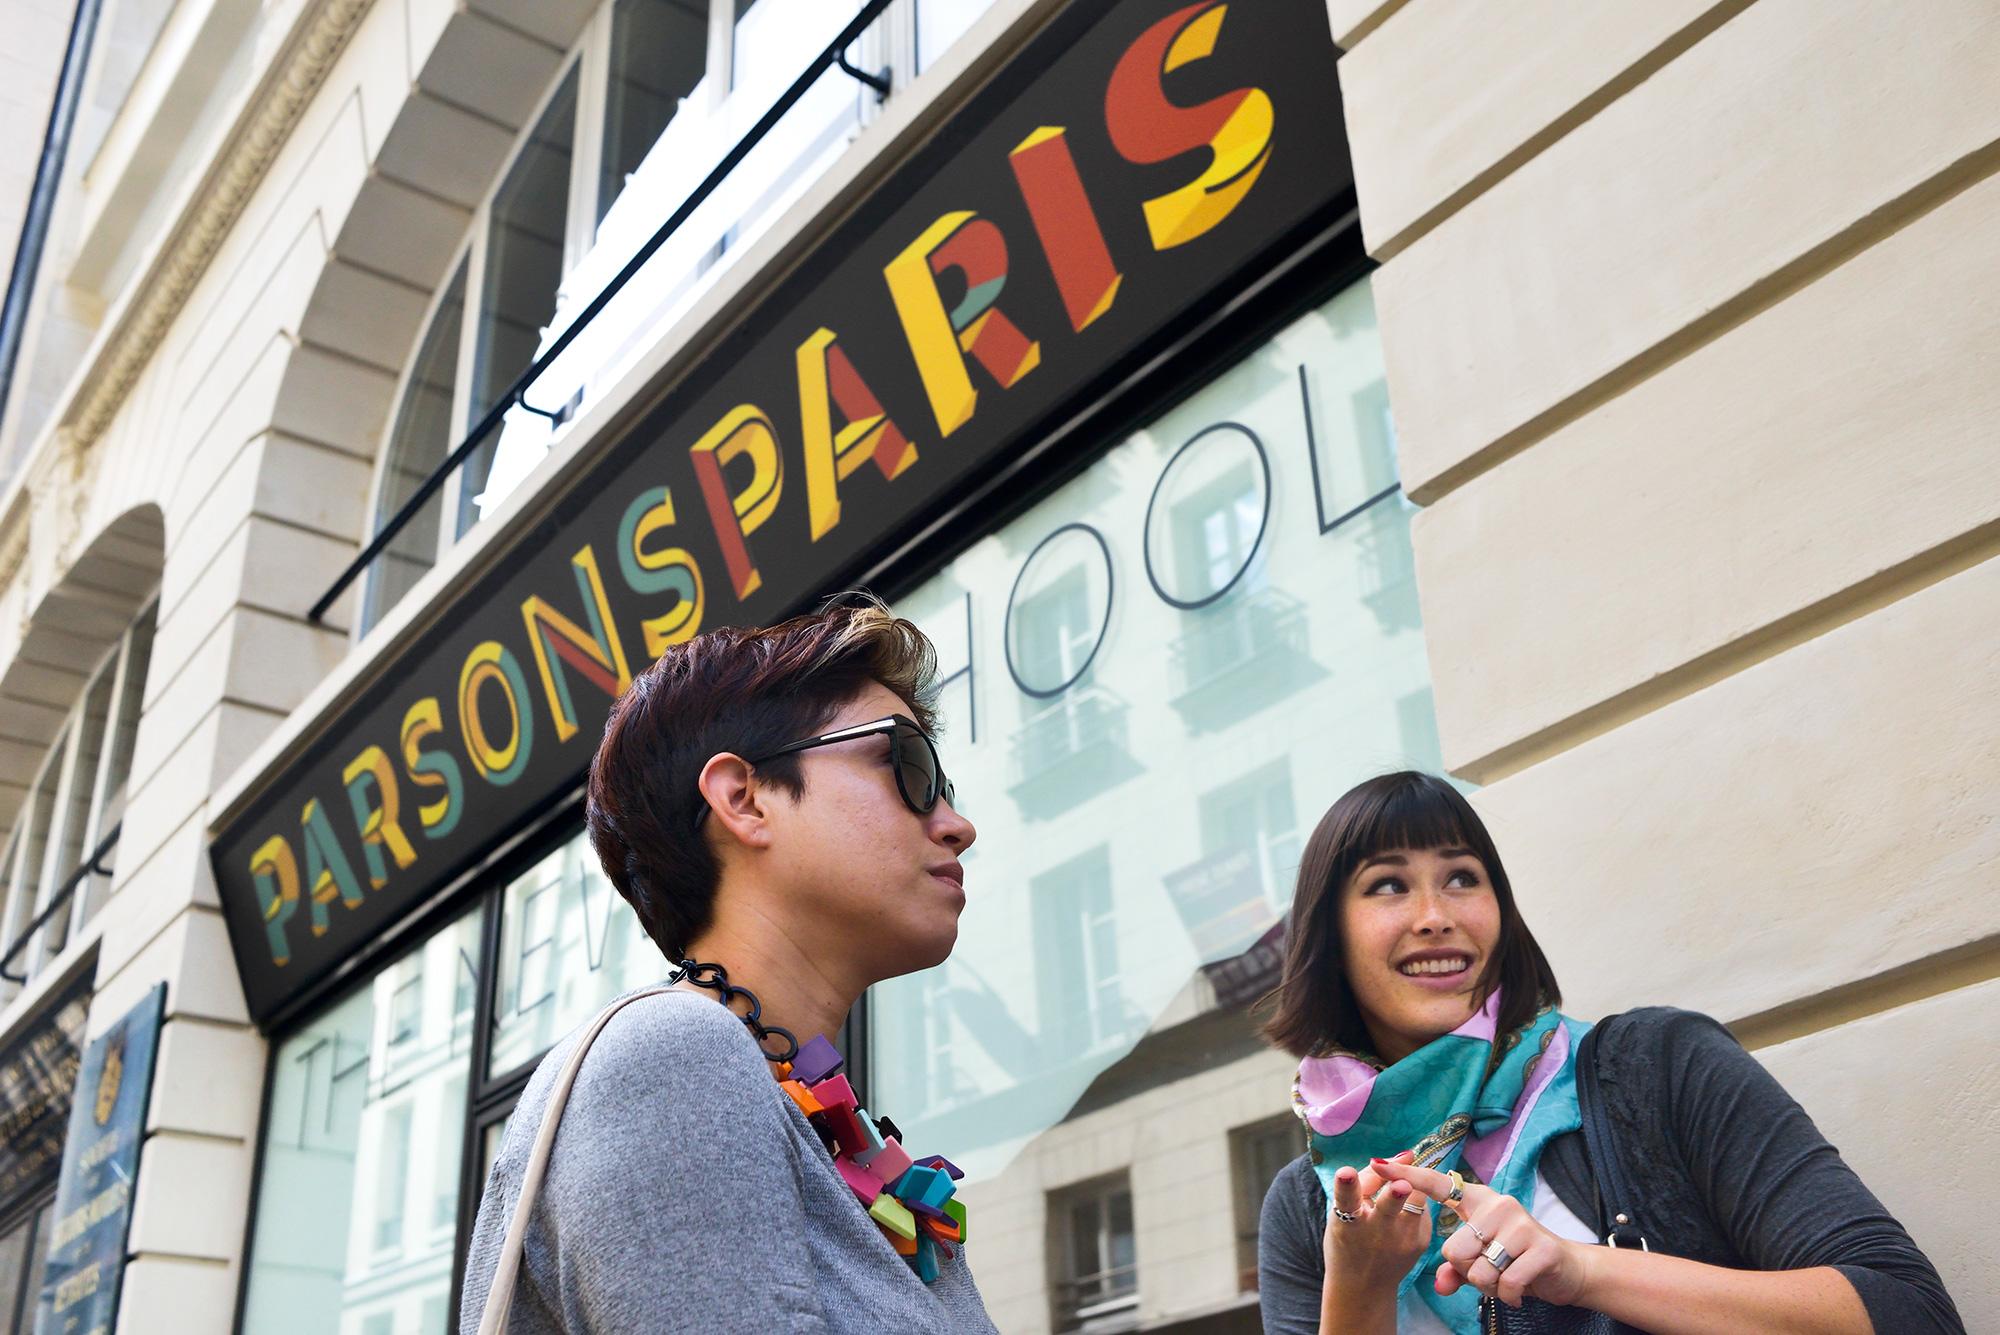 Paula_Giraldo_Parsons_Paris_31.jpg